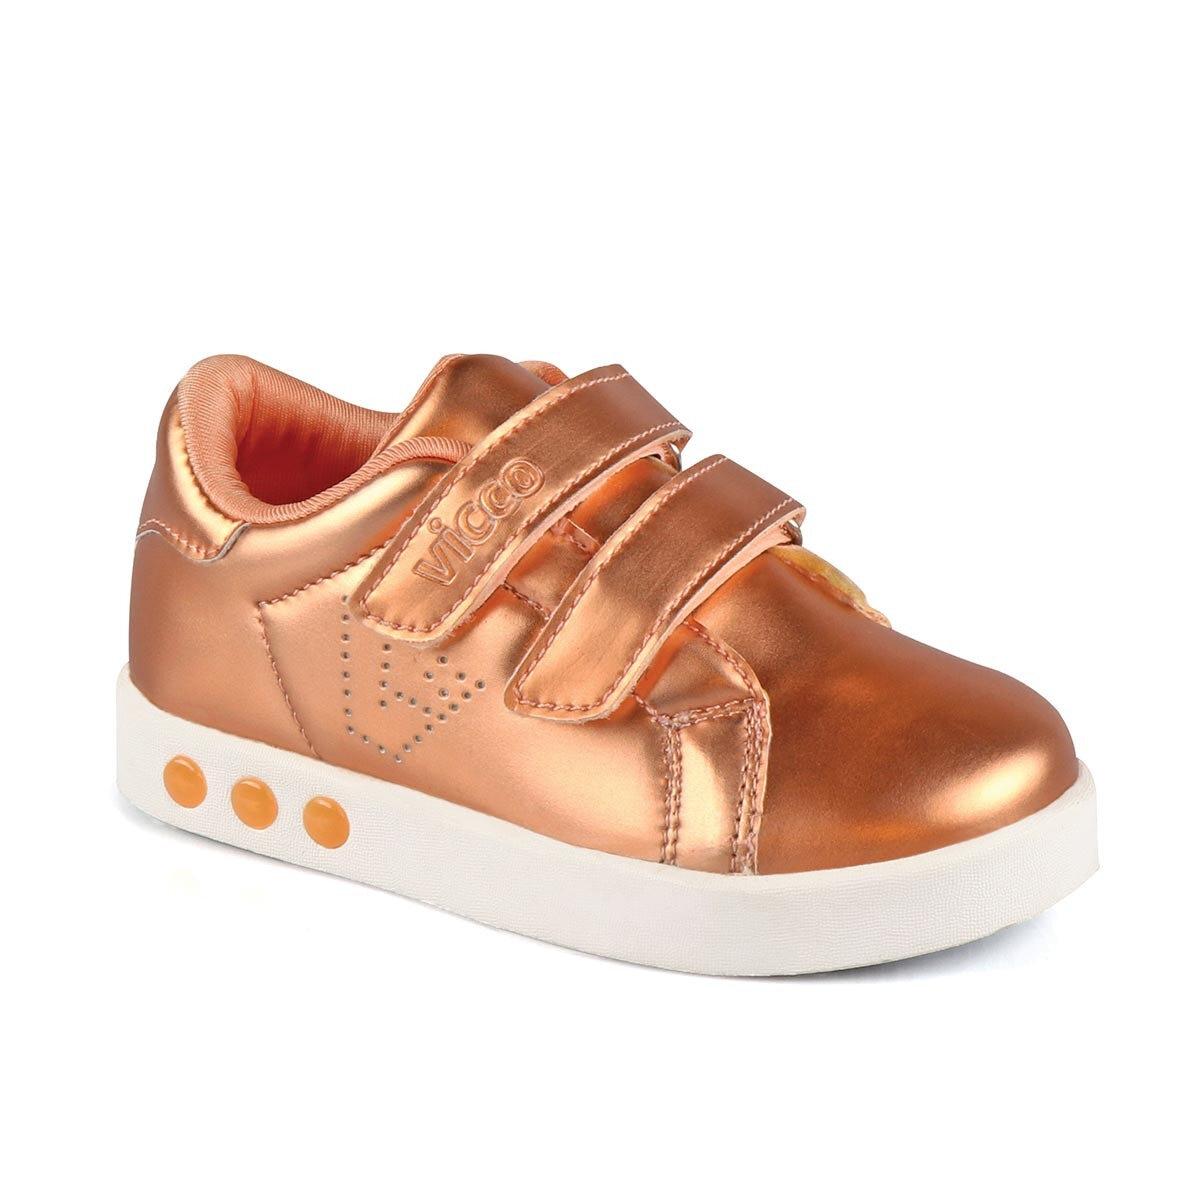 FLO 313. B19K. 200 BEBE WORK LIGHT Bronze Female Child Thick Soled Sneaker VICCO